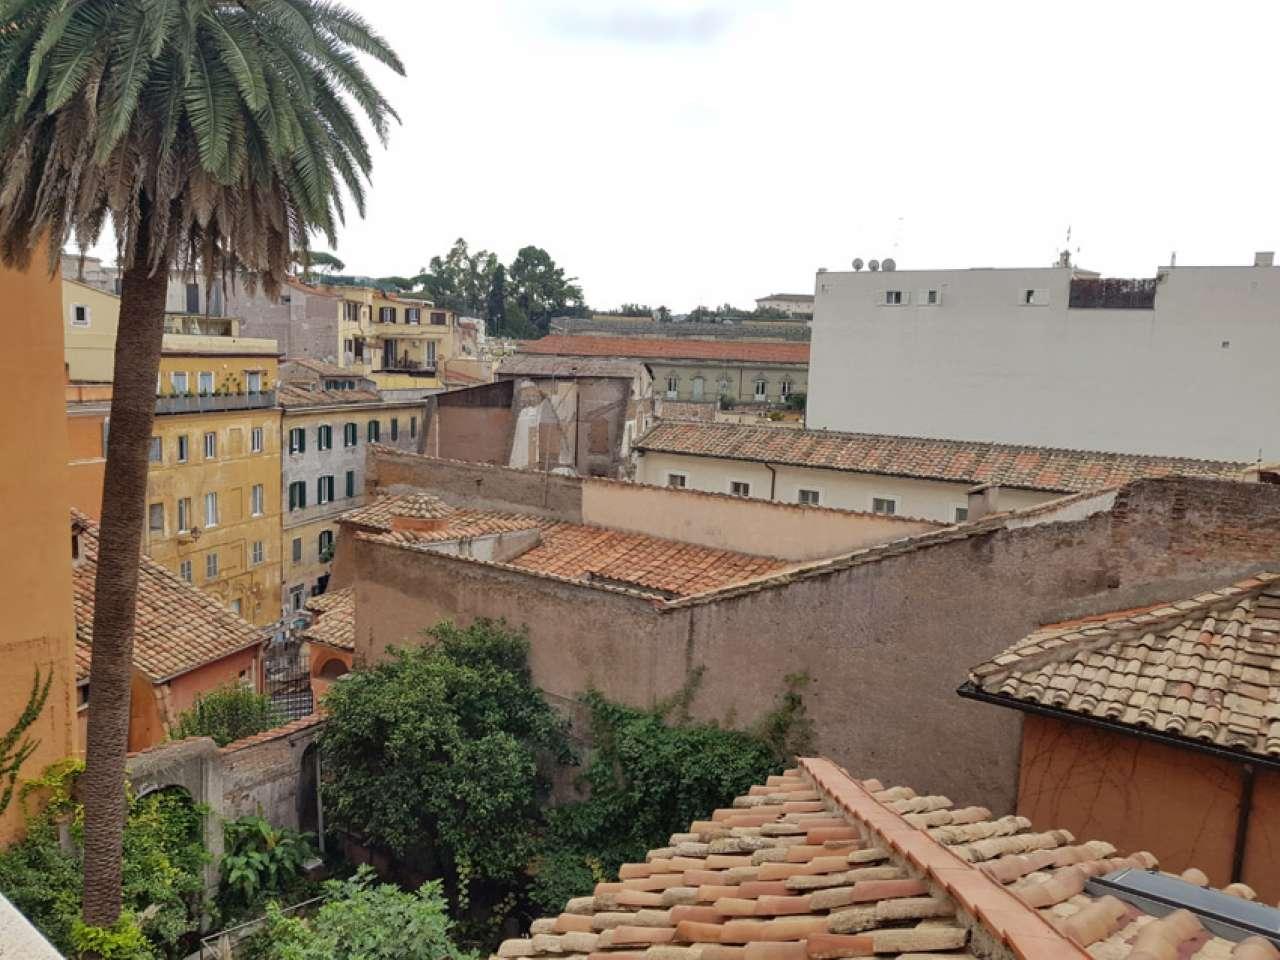 Attico / Mansarda in vendita a Roma, 4 locali, zona Zona: 1 . Centro storico, prezzo € 1.190.000 | CambioCasa.it